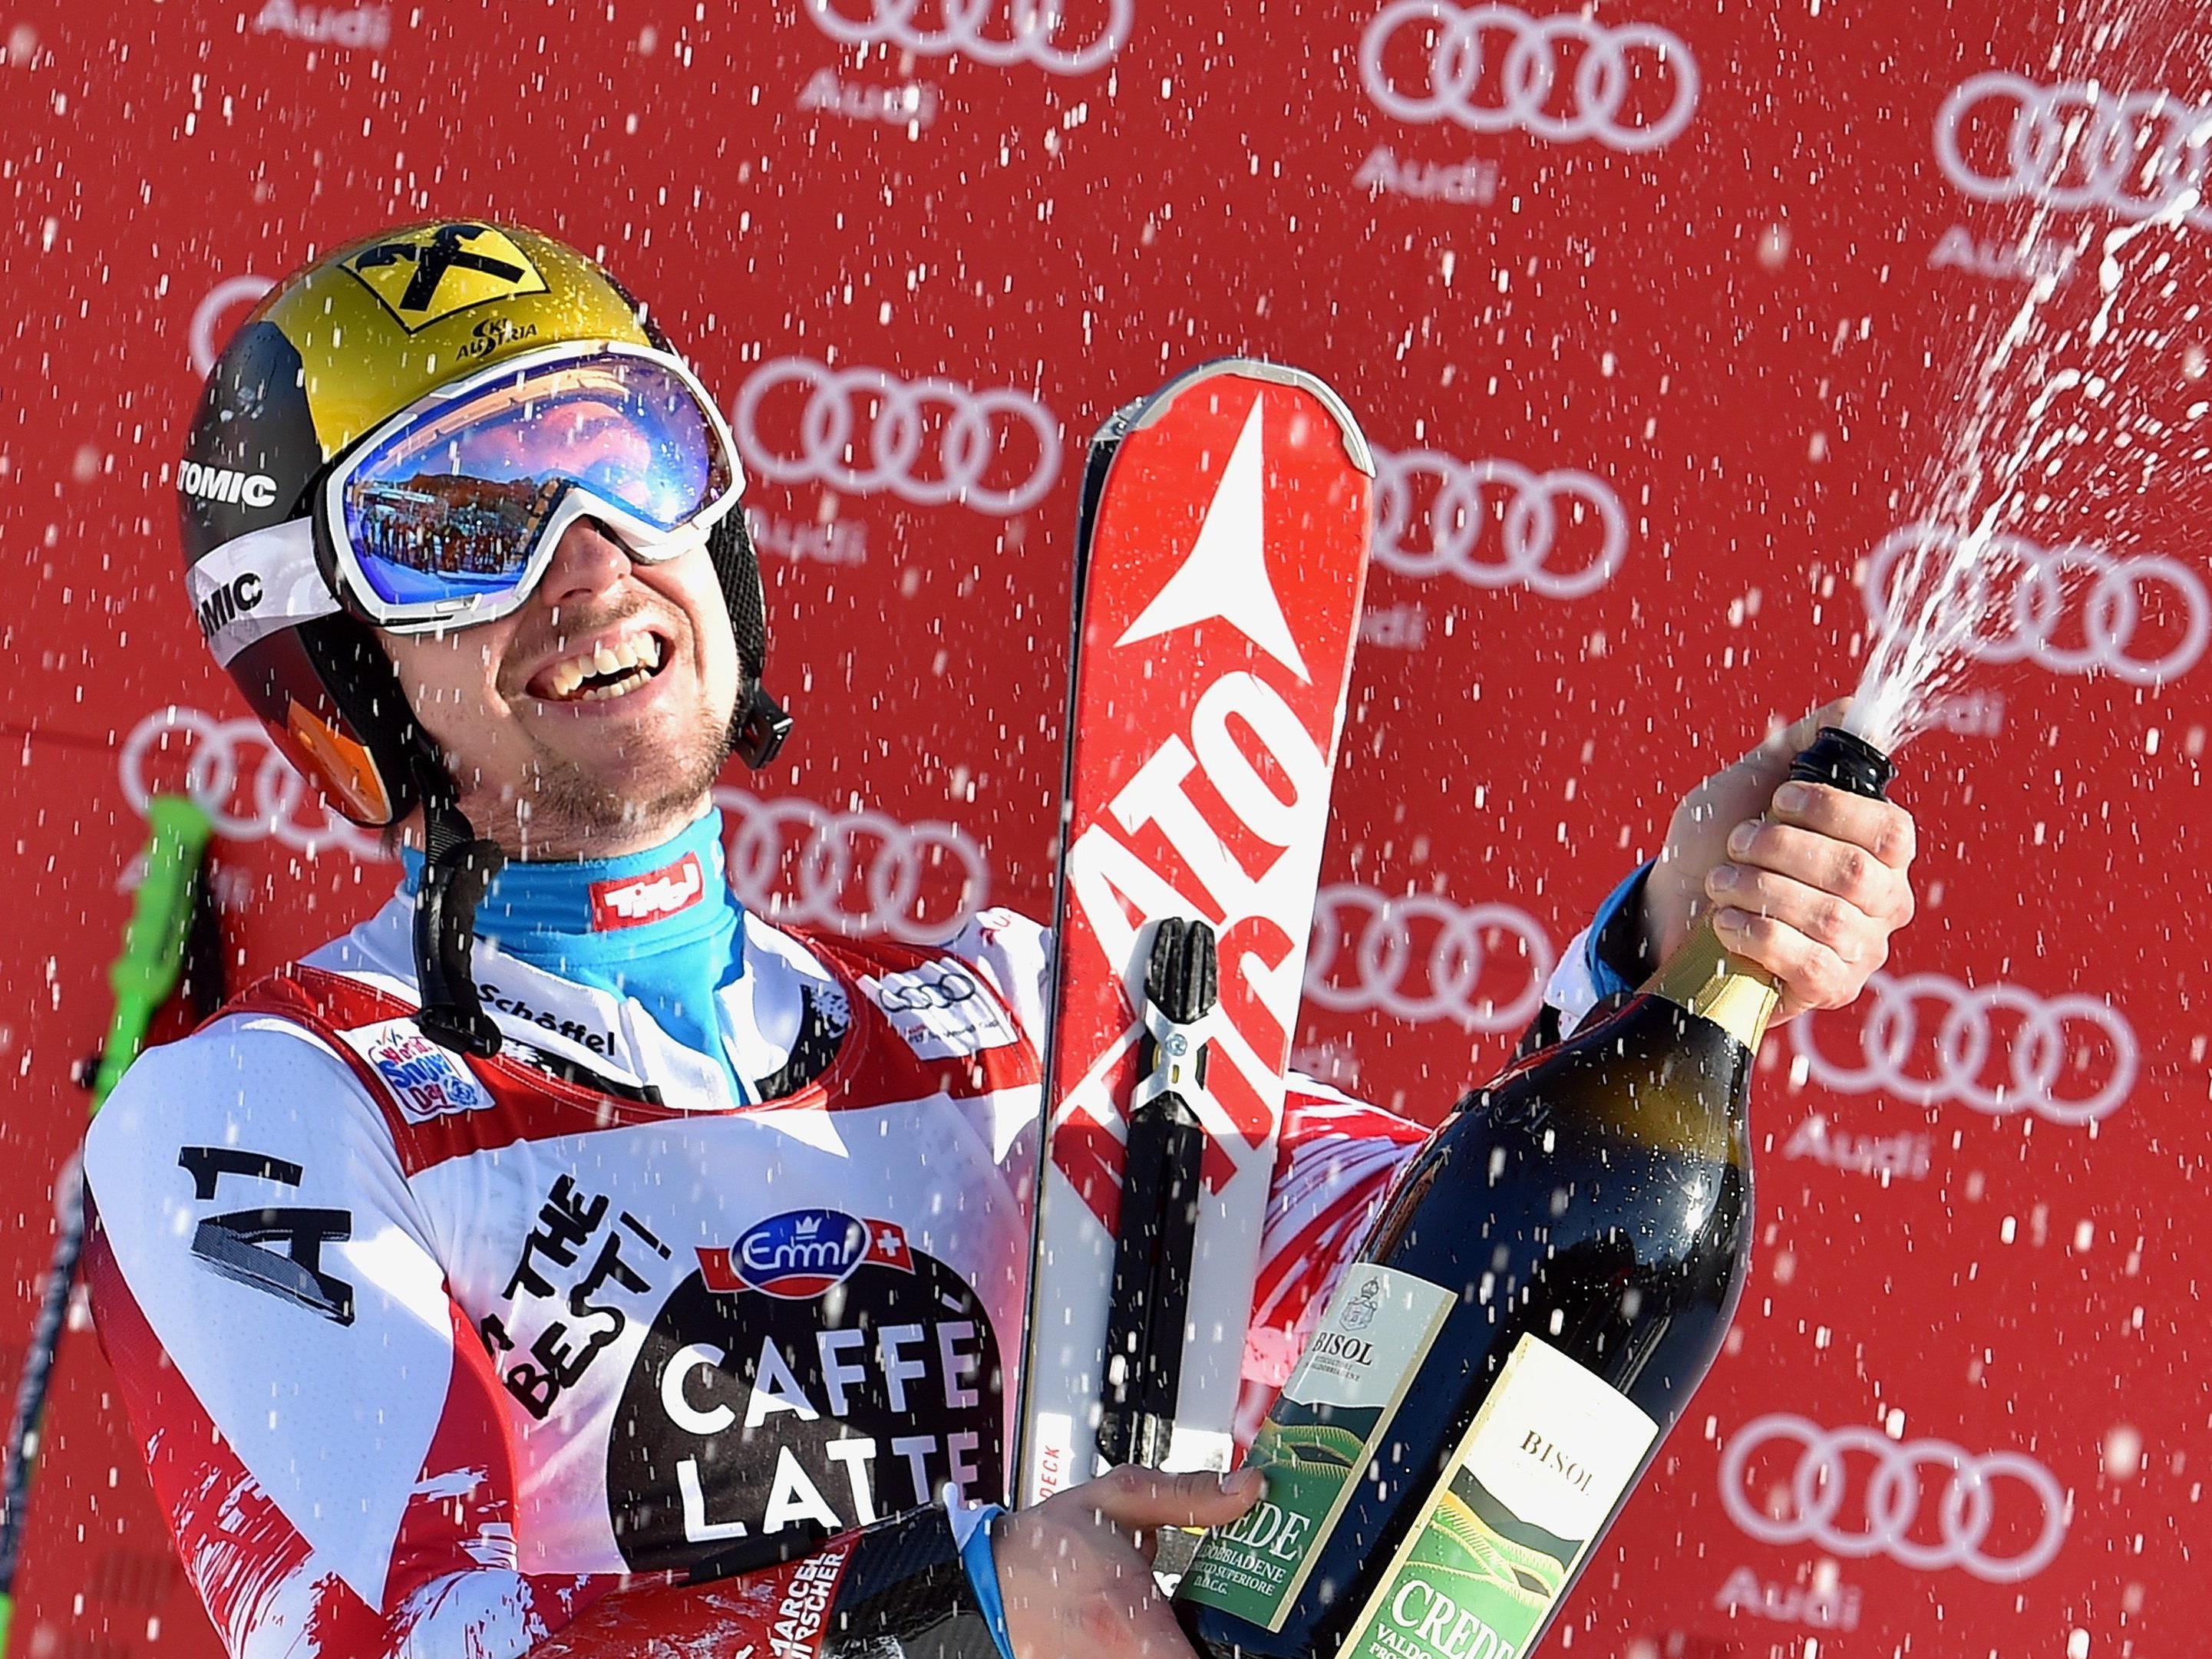 Marcel Hirscher holte sich zum dritten Mal in Folge den Sieg im Zagreb-Slalom.